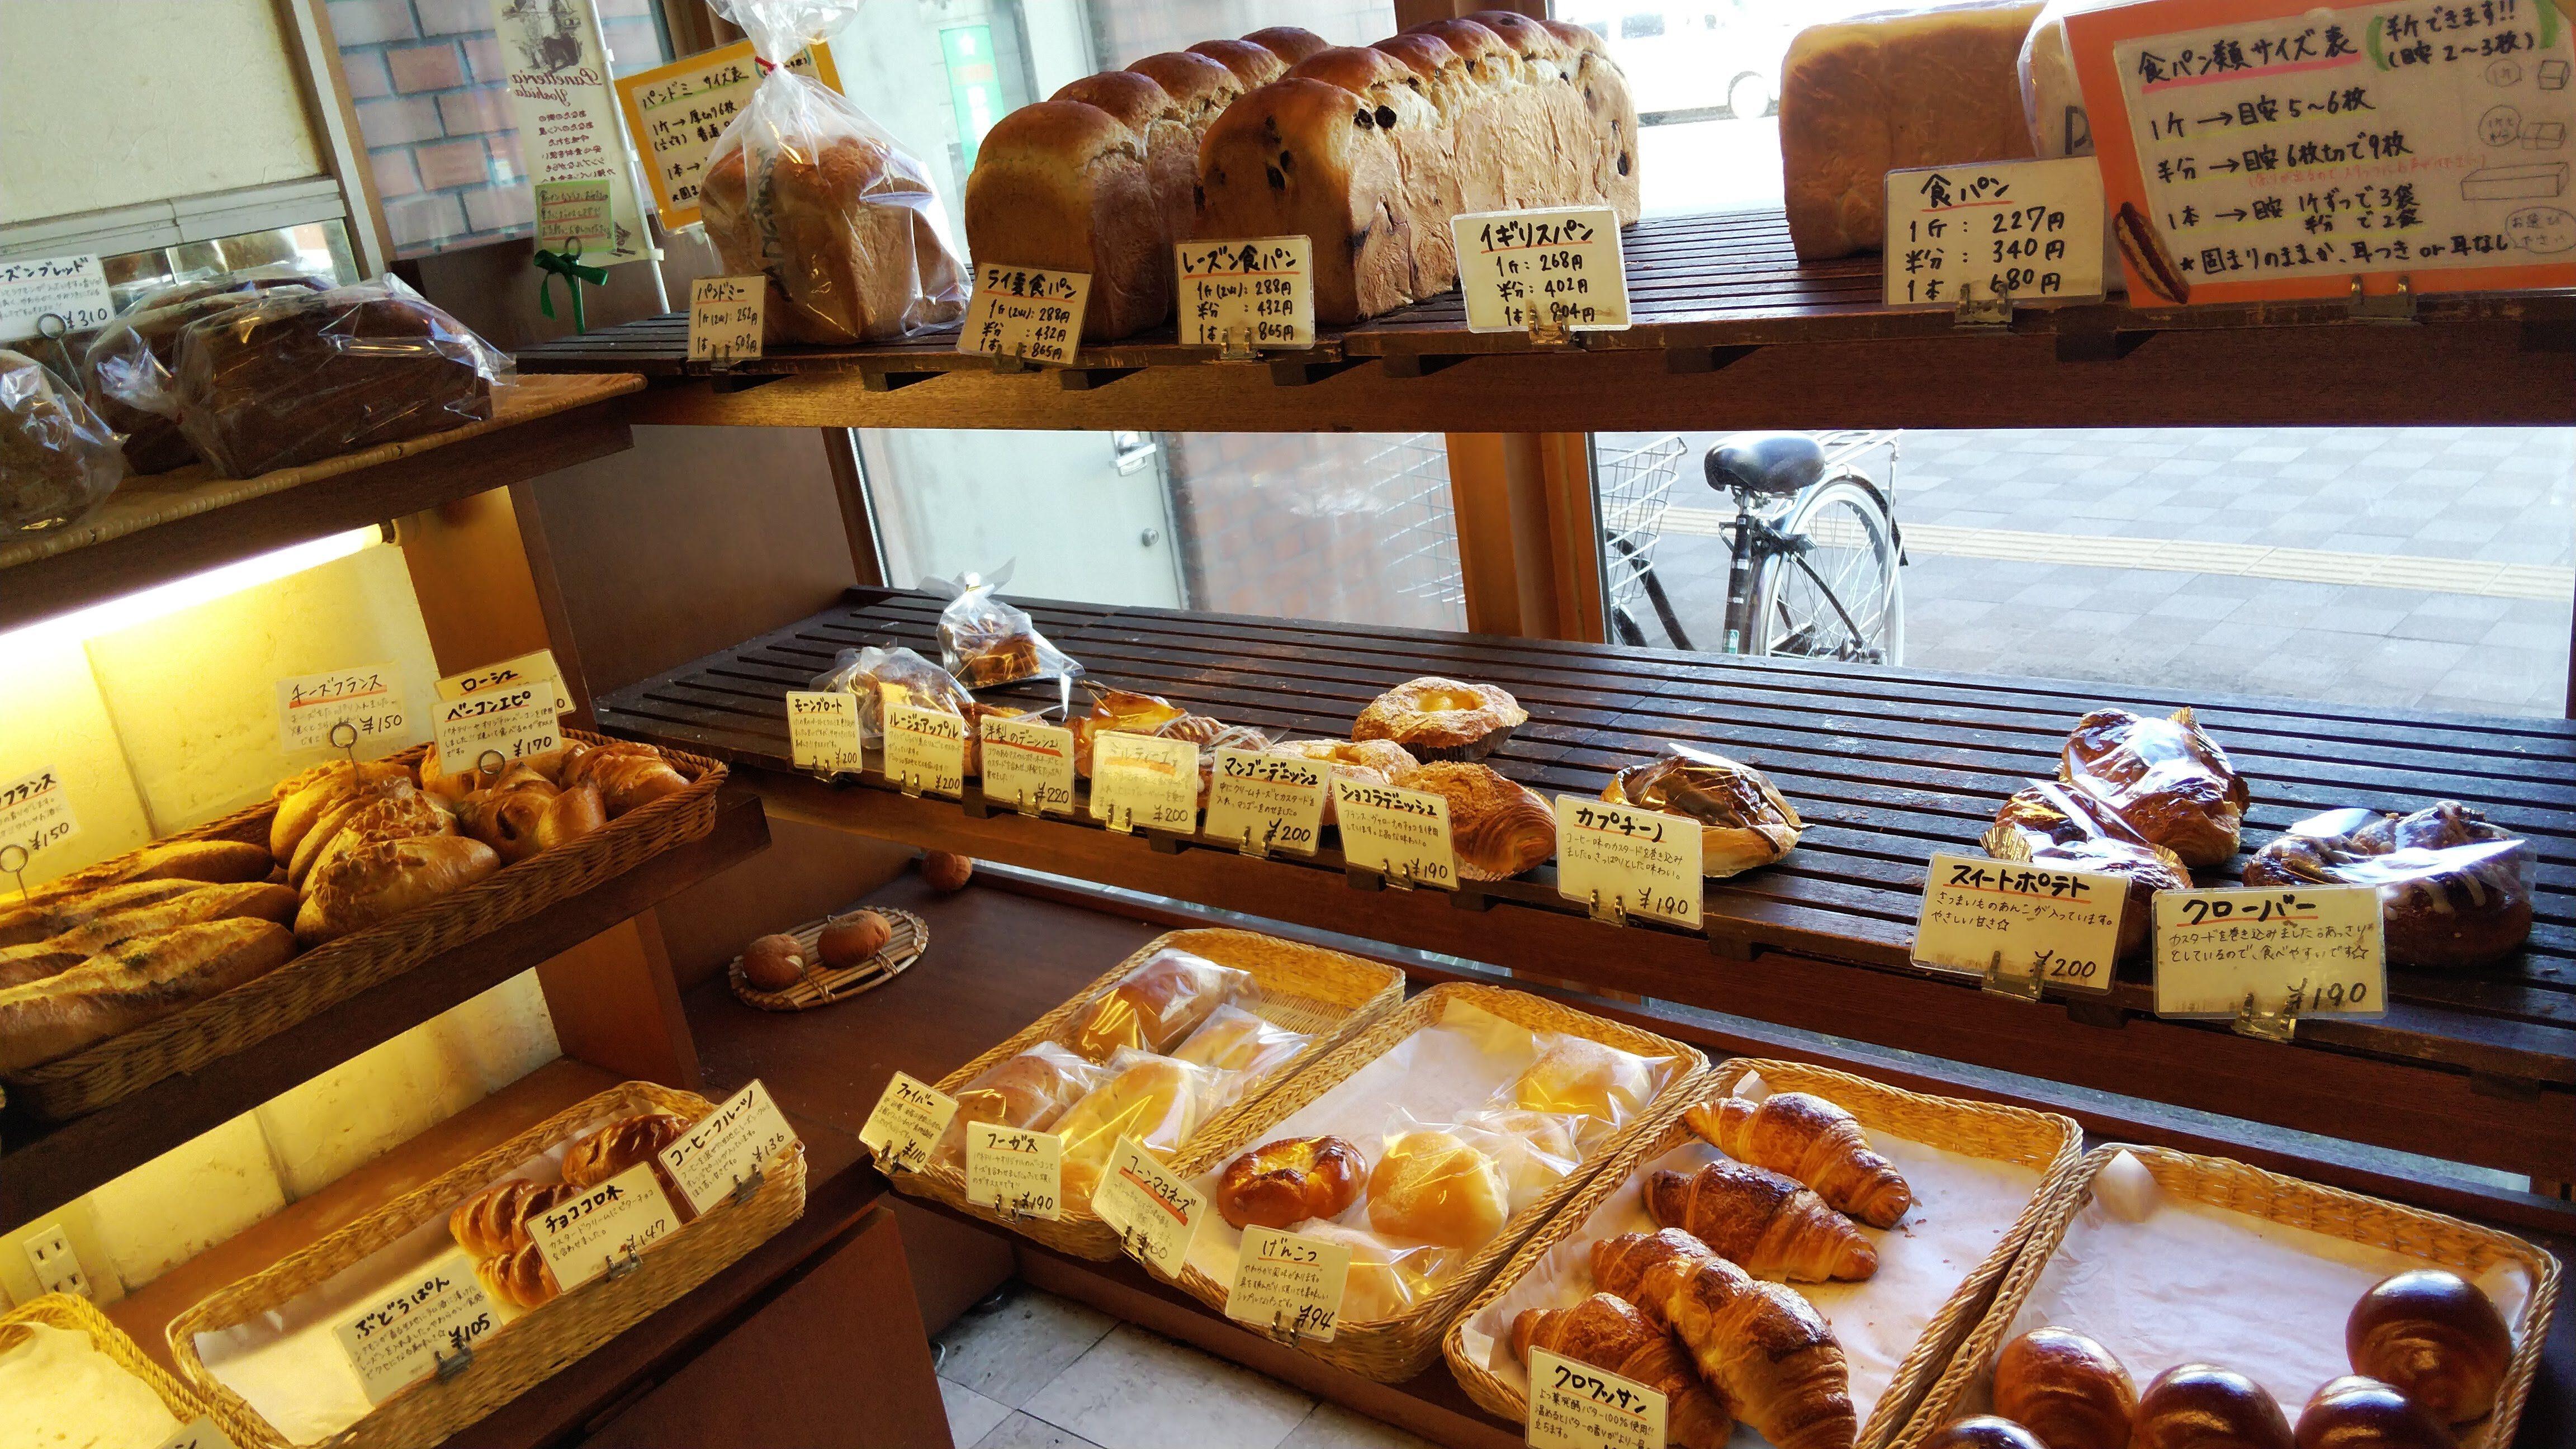 美味しい パン 屋 東京のパン屋12選!一度は行ってみたいおすすめ店はここ